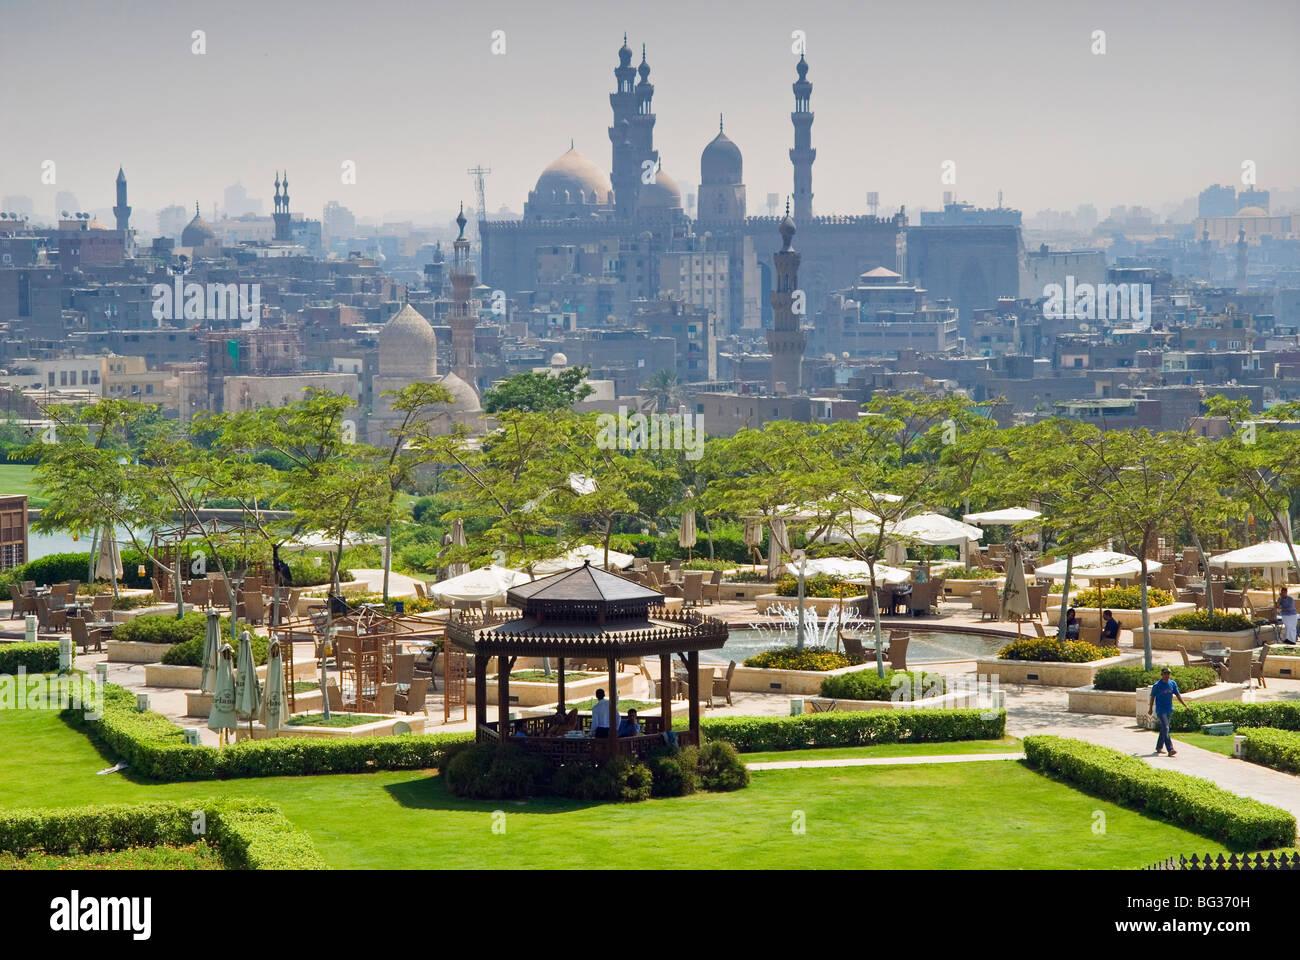 Al Azhar park et domaine de l'Islam, Le Caire, Egypte, Afrique du Nord, Afrique Photo Stock